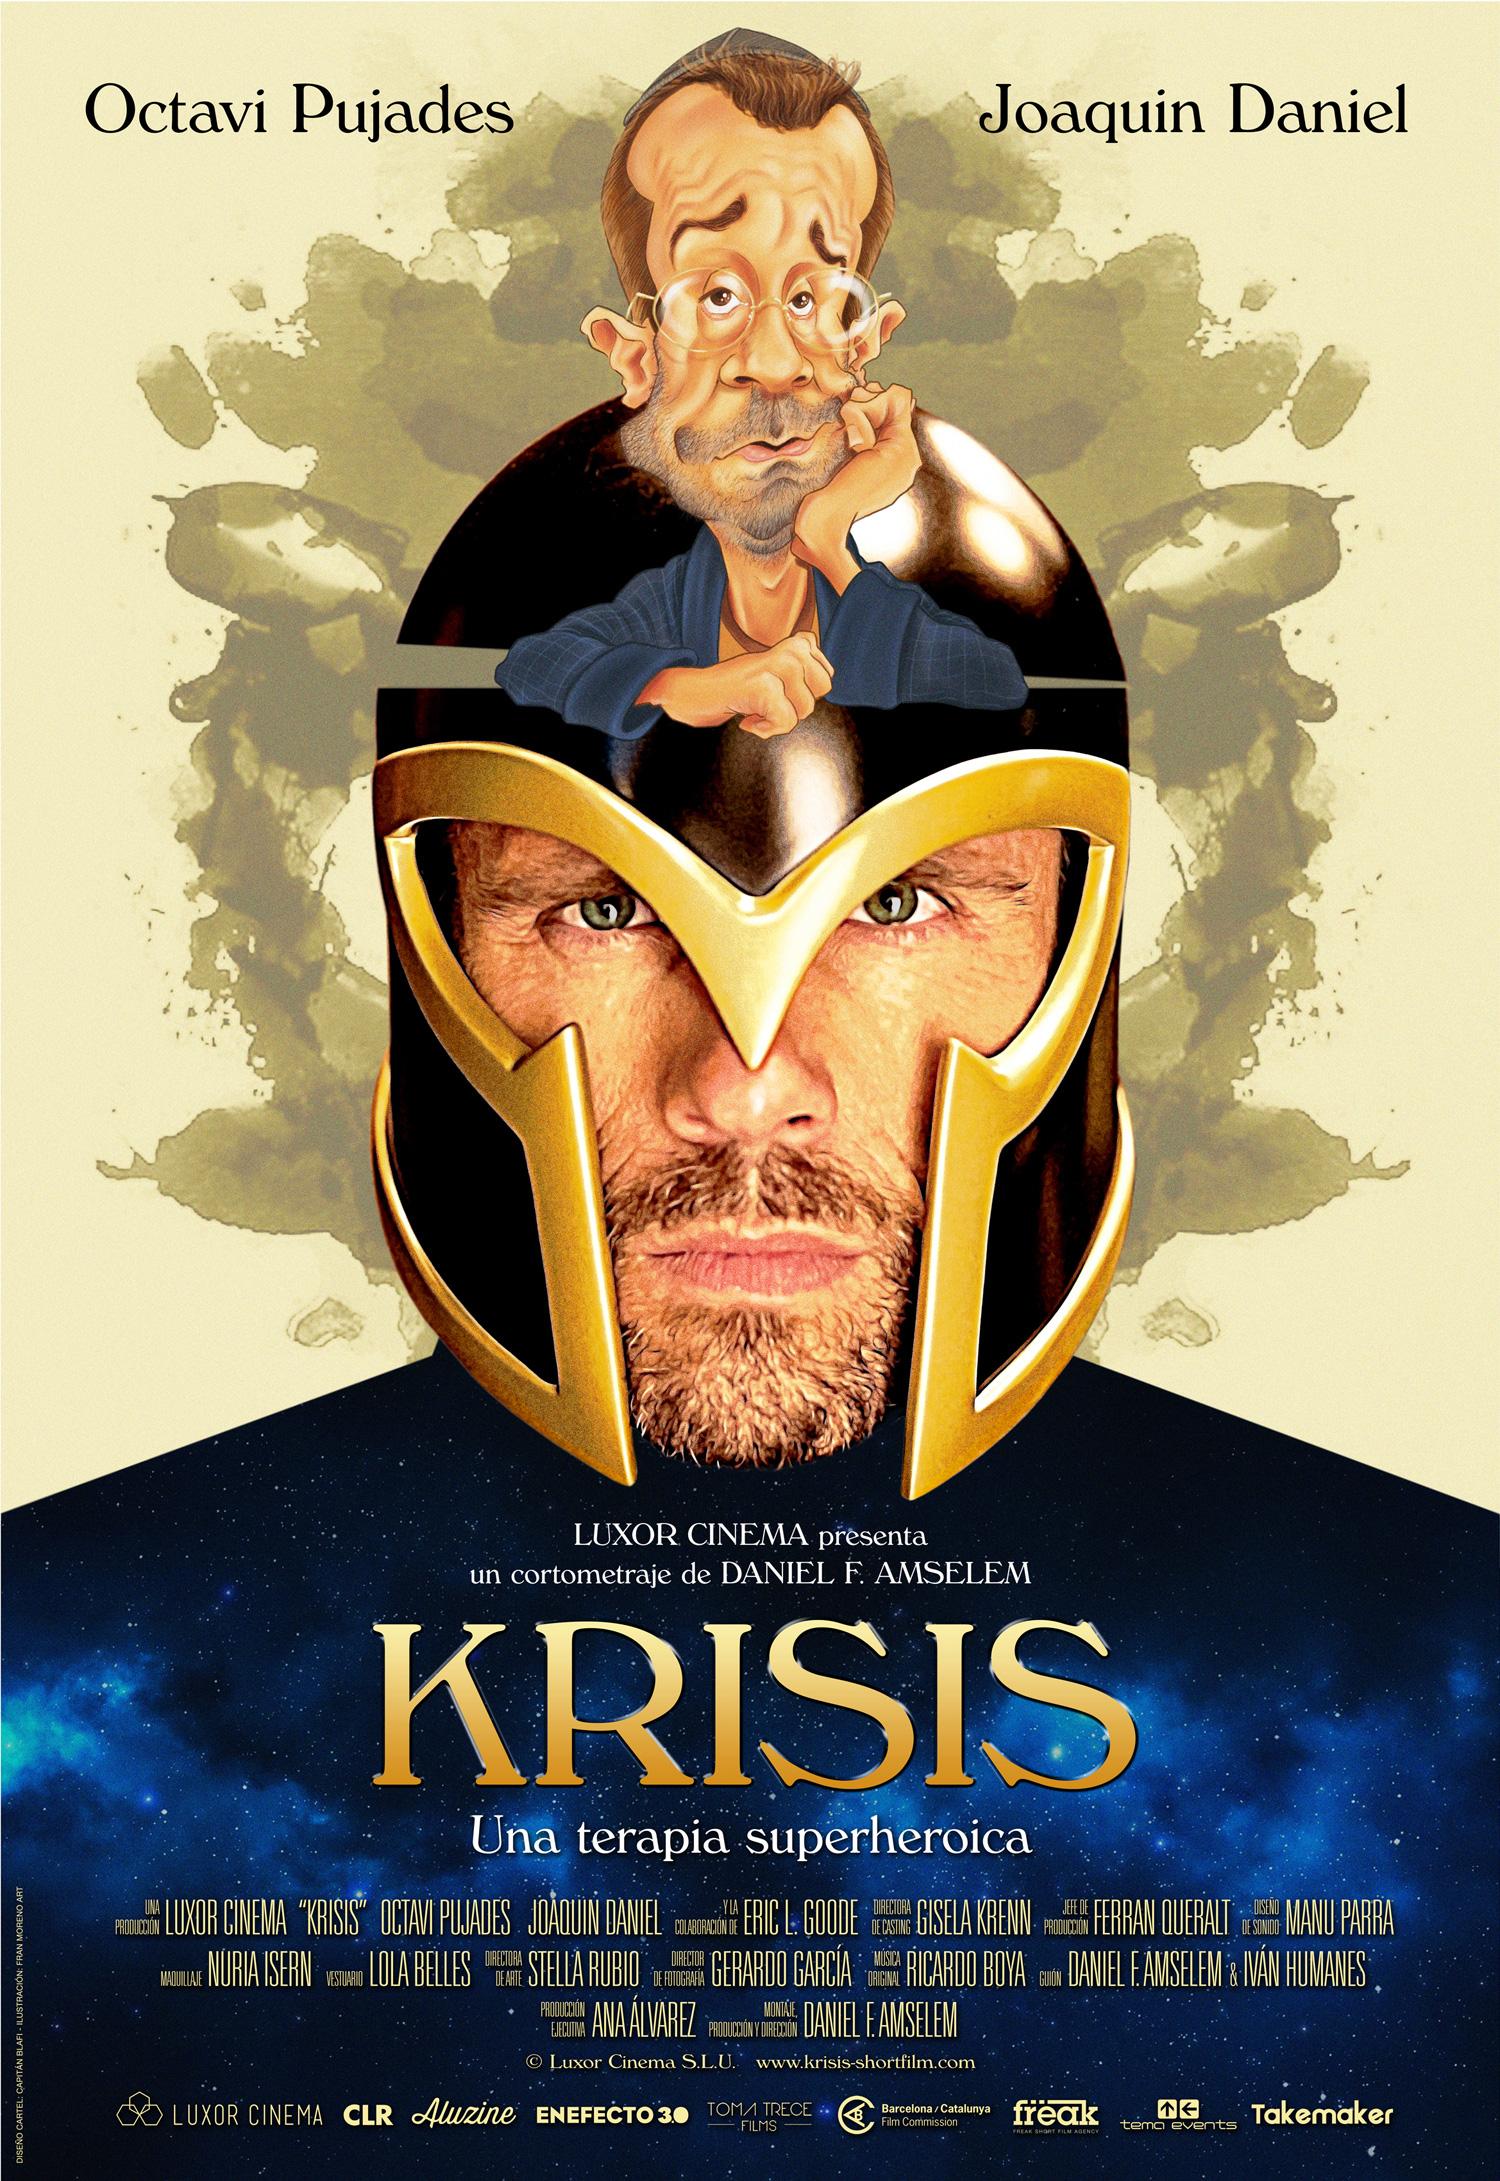 poster krisis